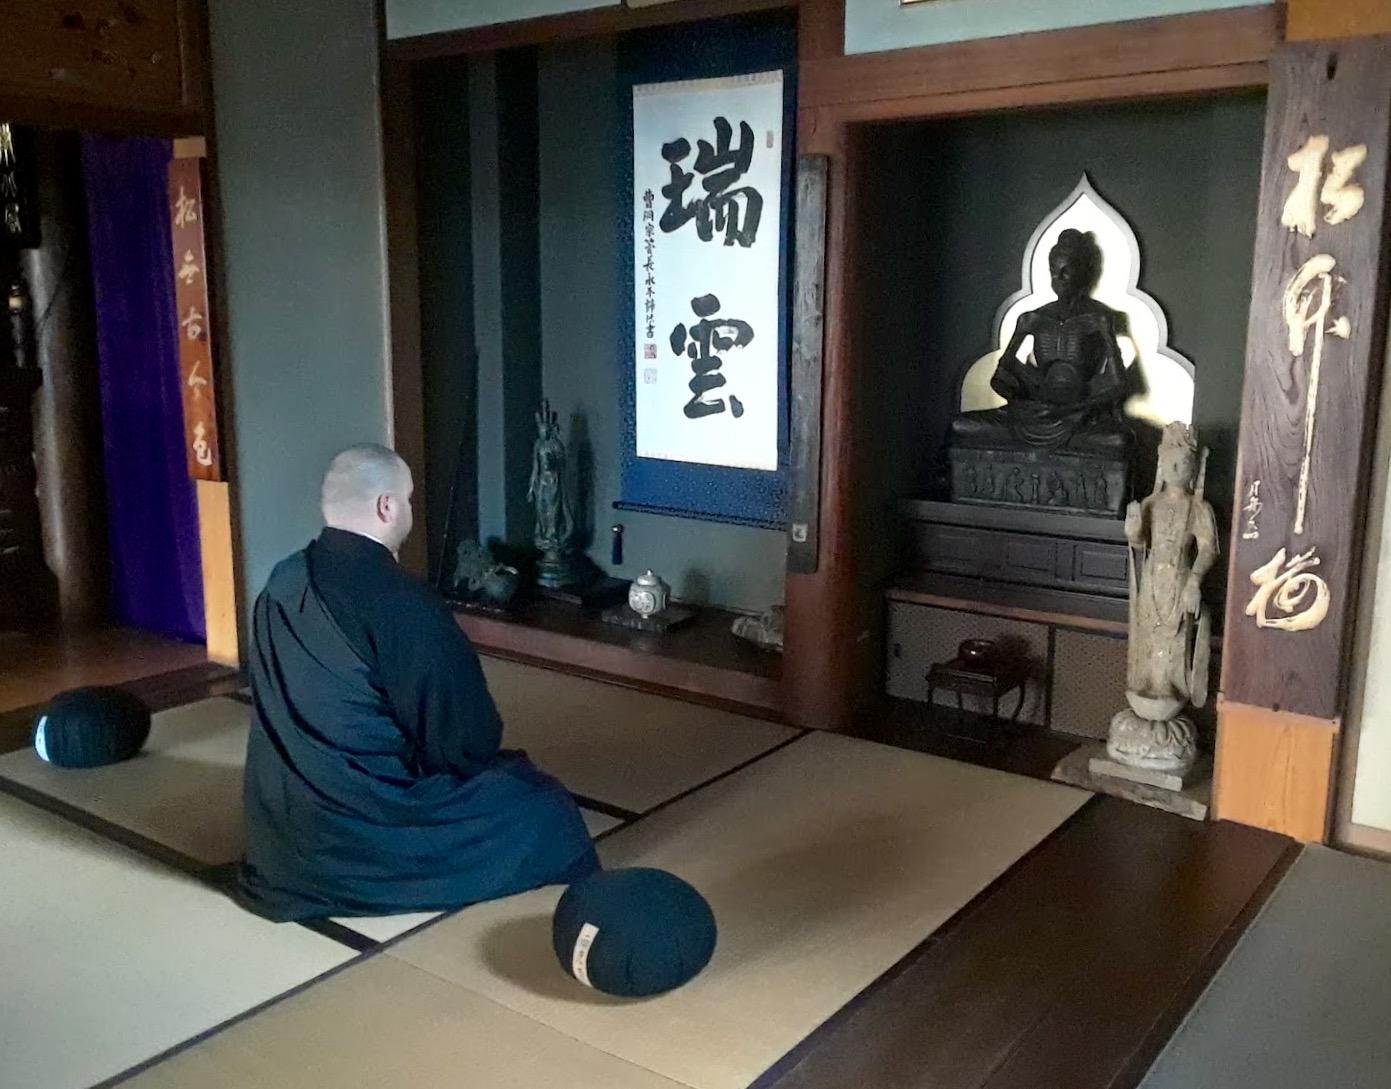 SEIGAKU AT SAIKOUJI TEMPLE IN TOYOHASHI, JAPAN